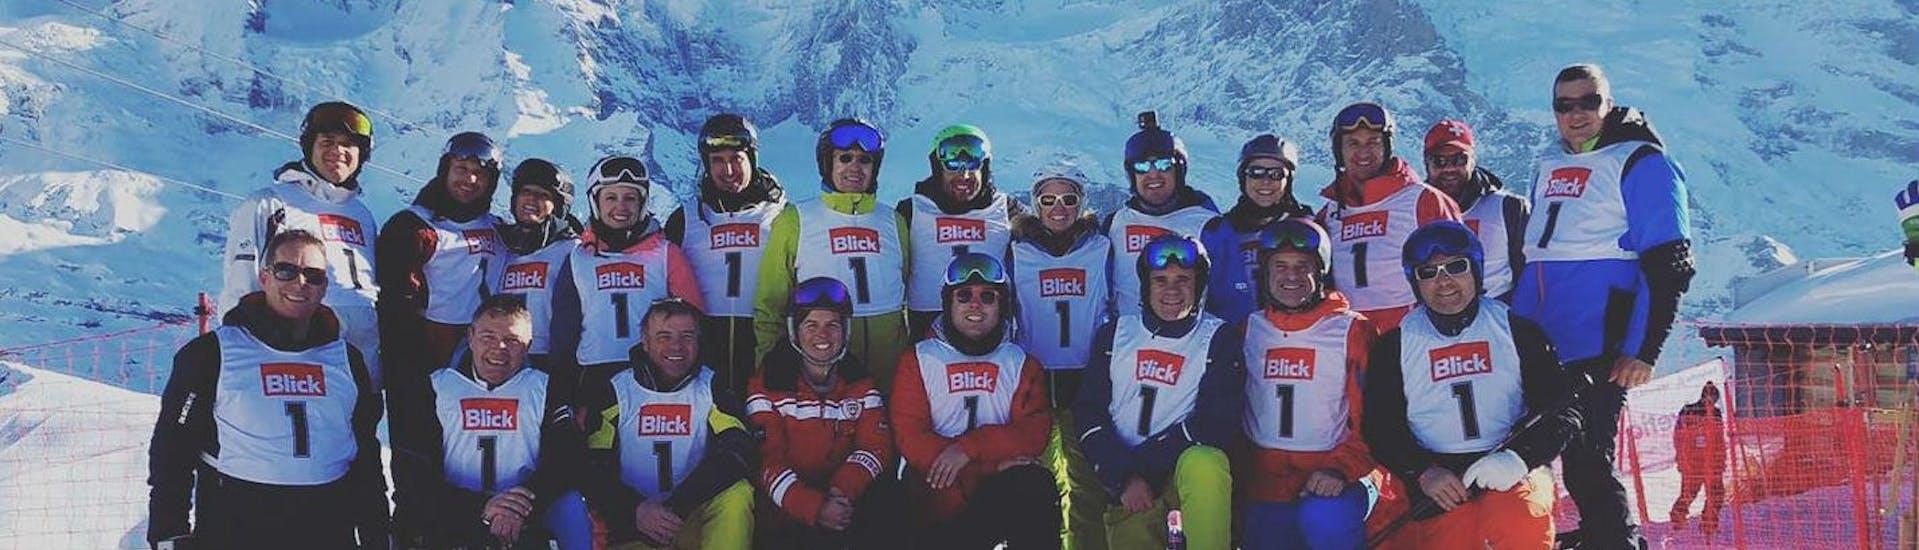 Curso de esquí para adultos para principiantes